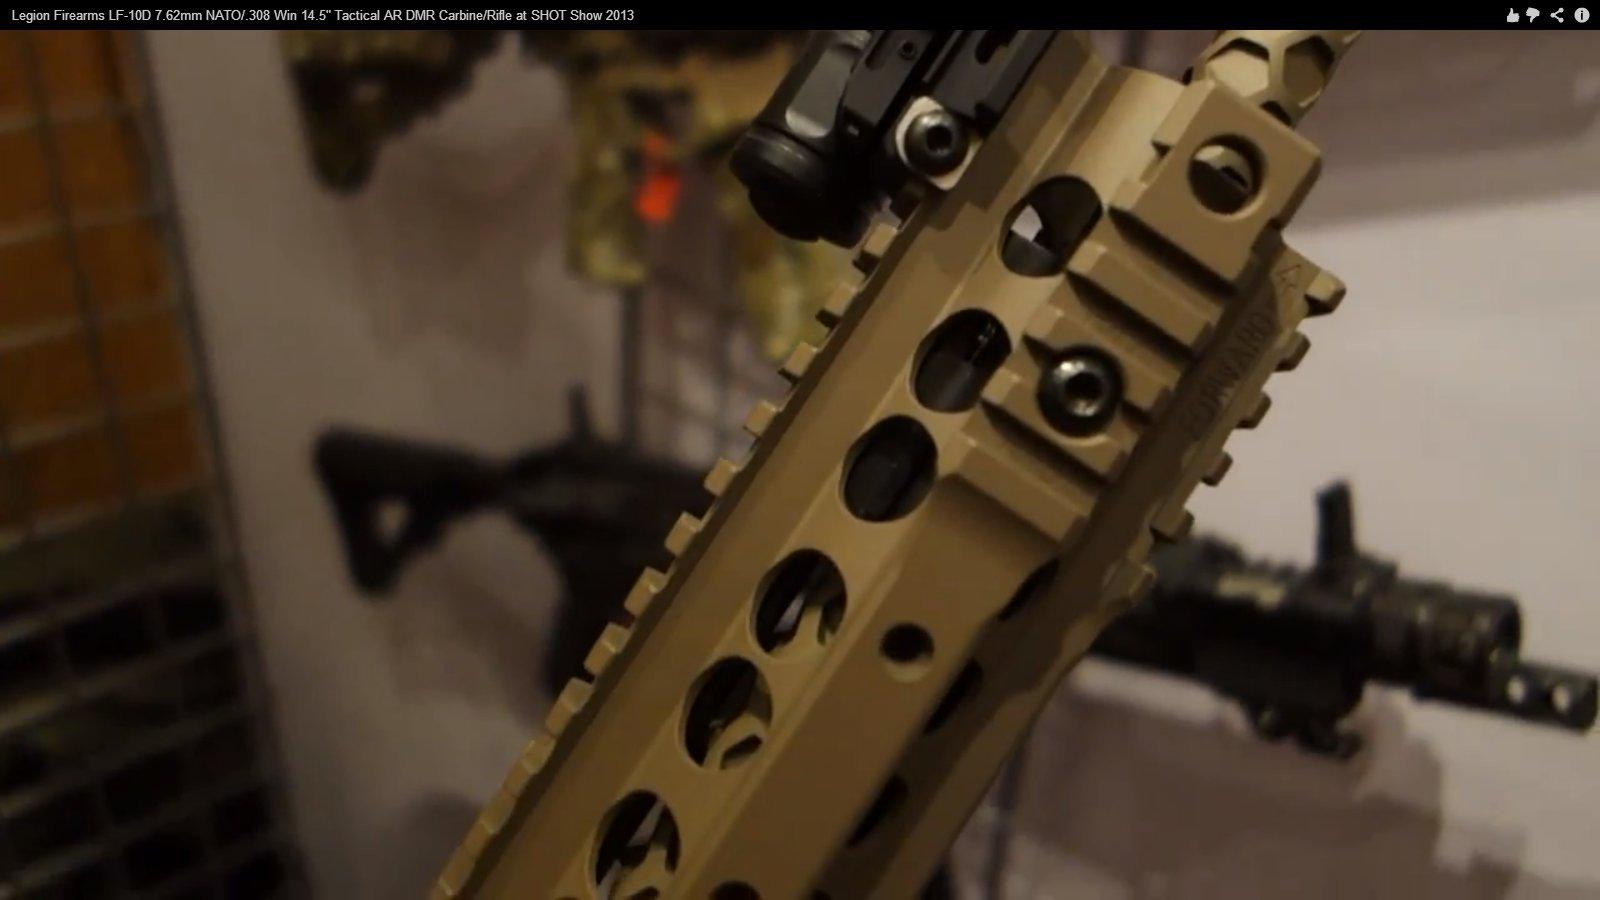 Legion Firearms Lf 10d 14 5 7 62mm Nato 308 Win Dmr